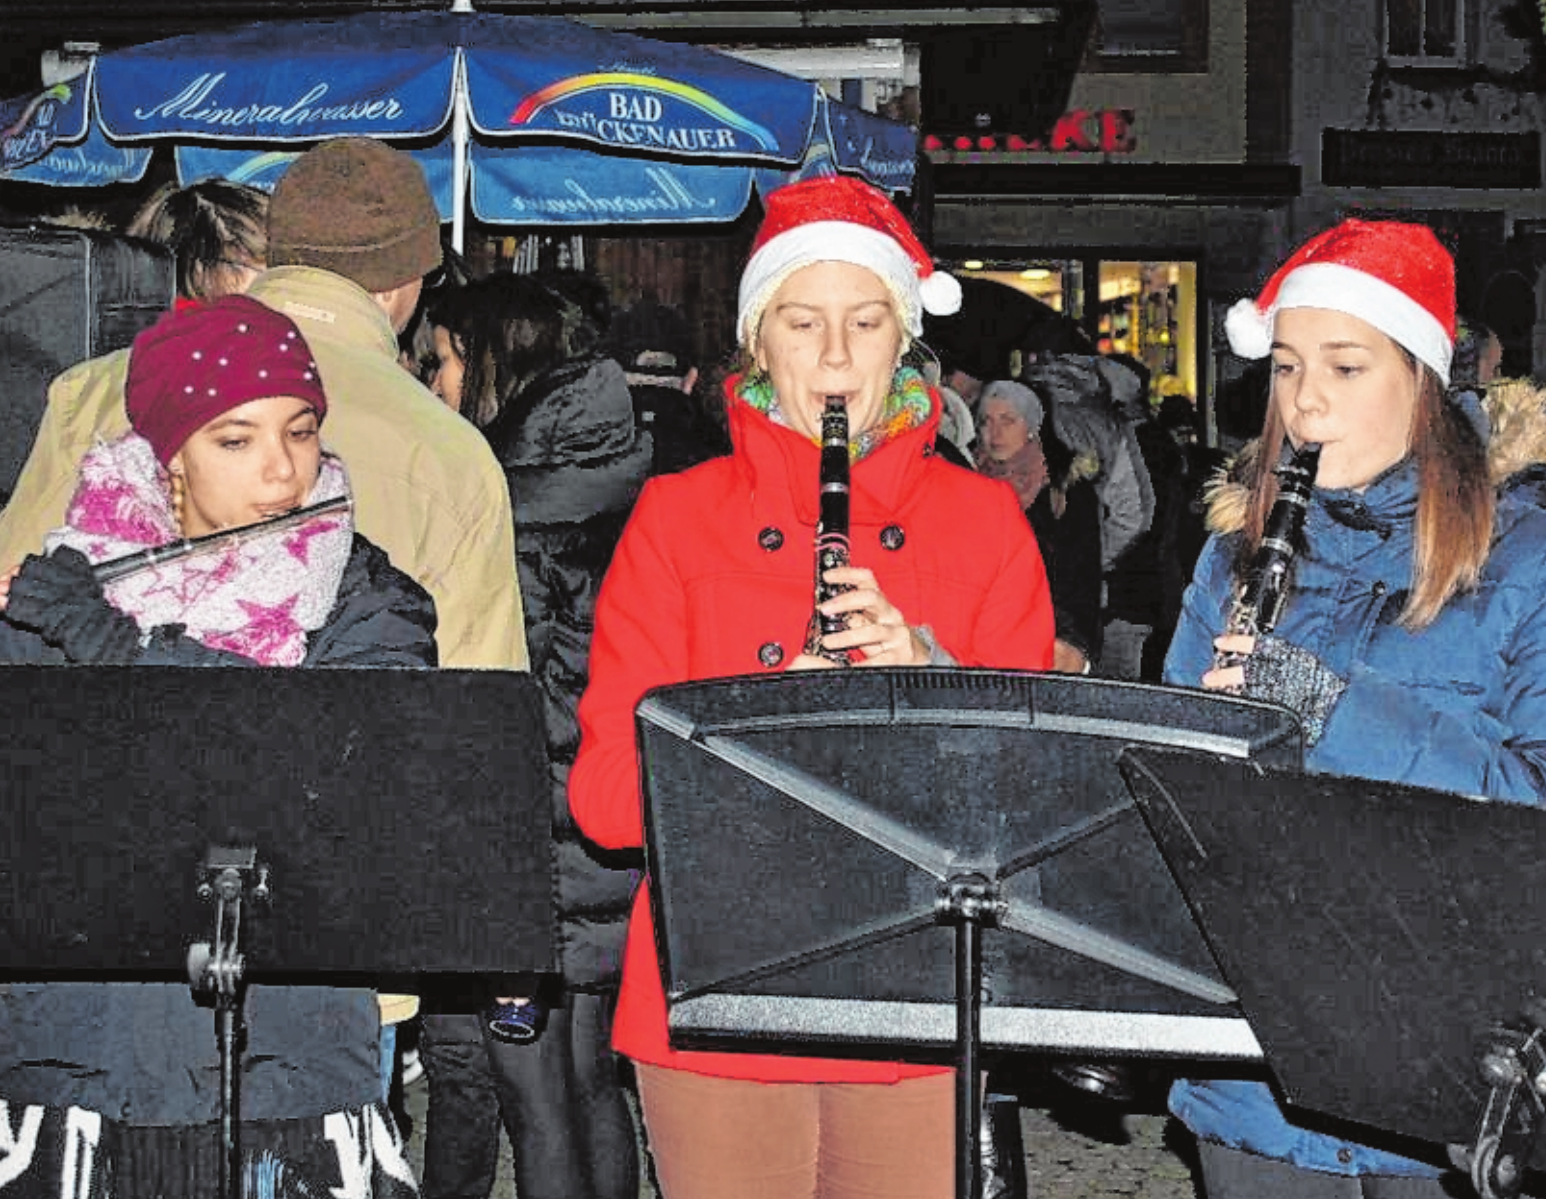 Sich Zeit nehmen und Ausspannen – das kann man beim Winterzauber in Bad Königshofen. Vorweihnachtliche Musik mit dem Musikverein Merkershausen gehört zur festlichen Stimmung natürlich dazu. FOTOS: REGINA VOSSENKAUL